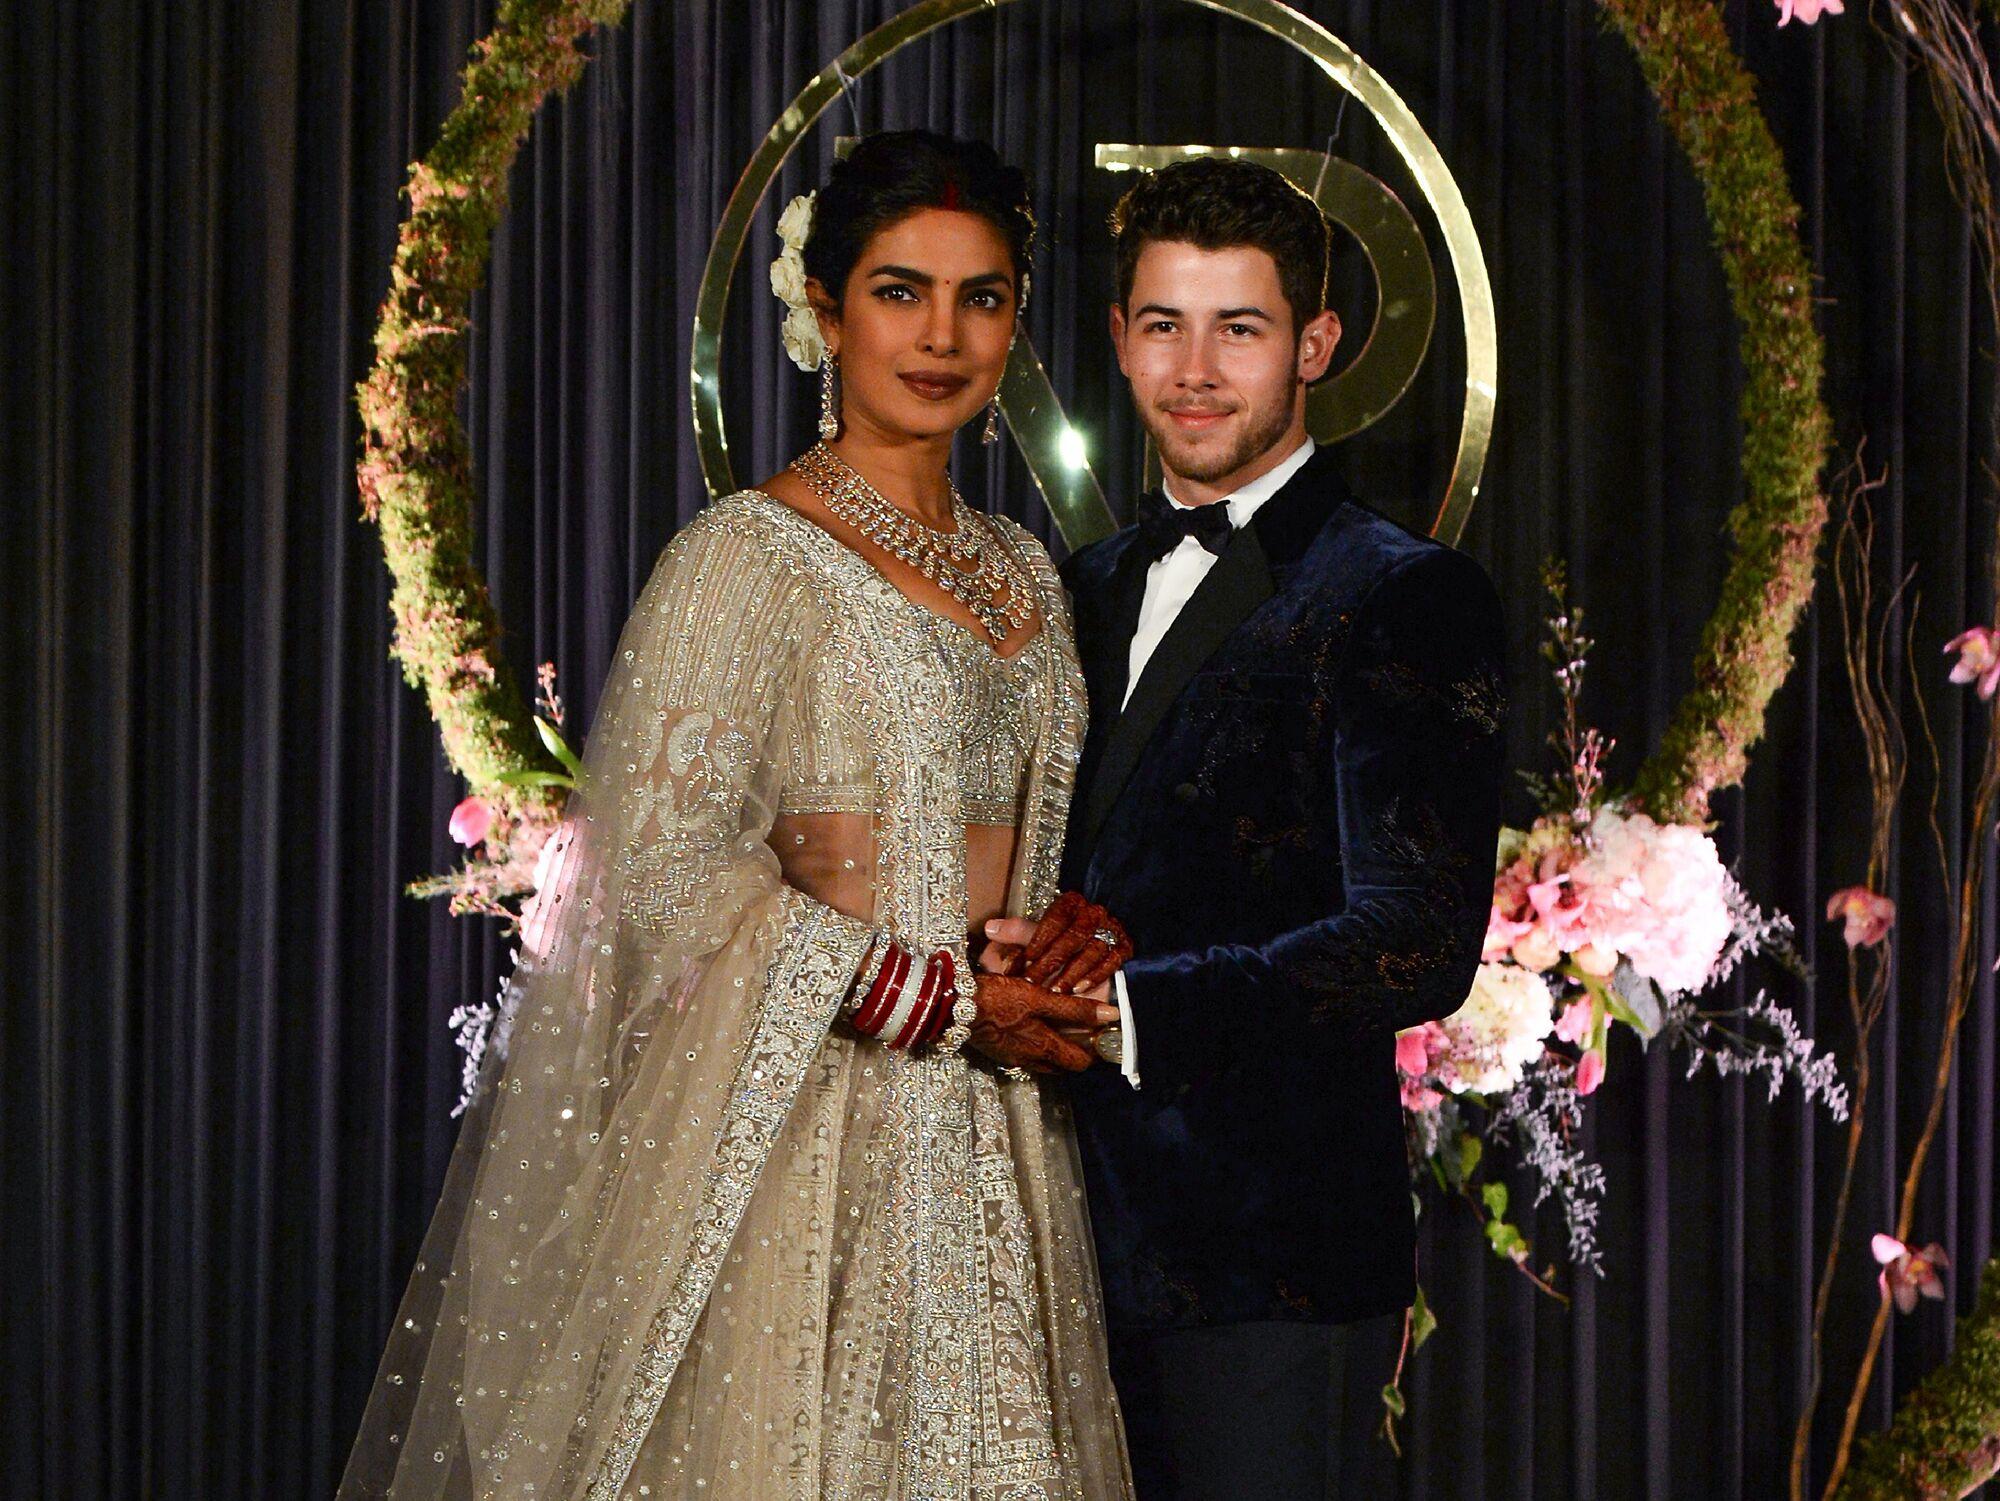 Priyanka Chopra S Wedding To Nick Jonas The Dress Photos More